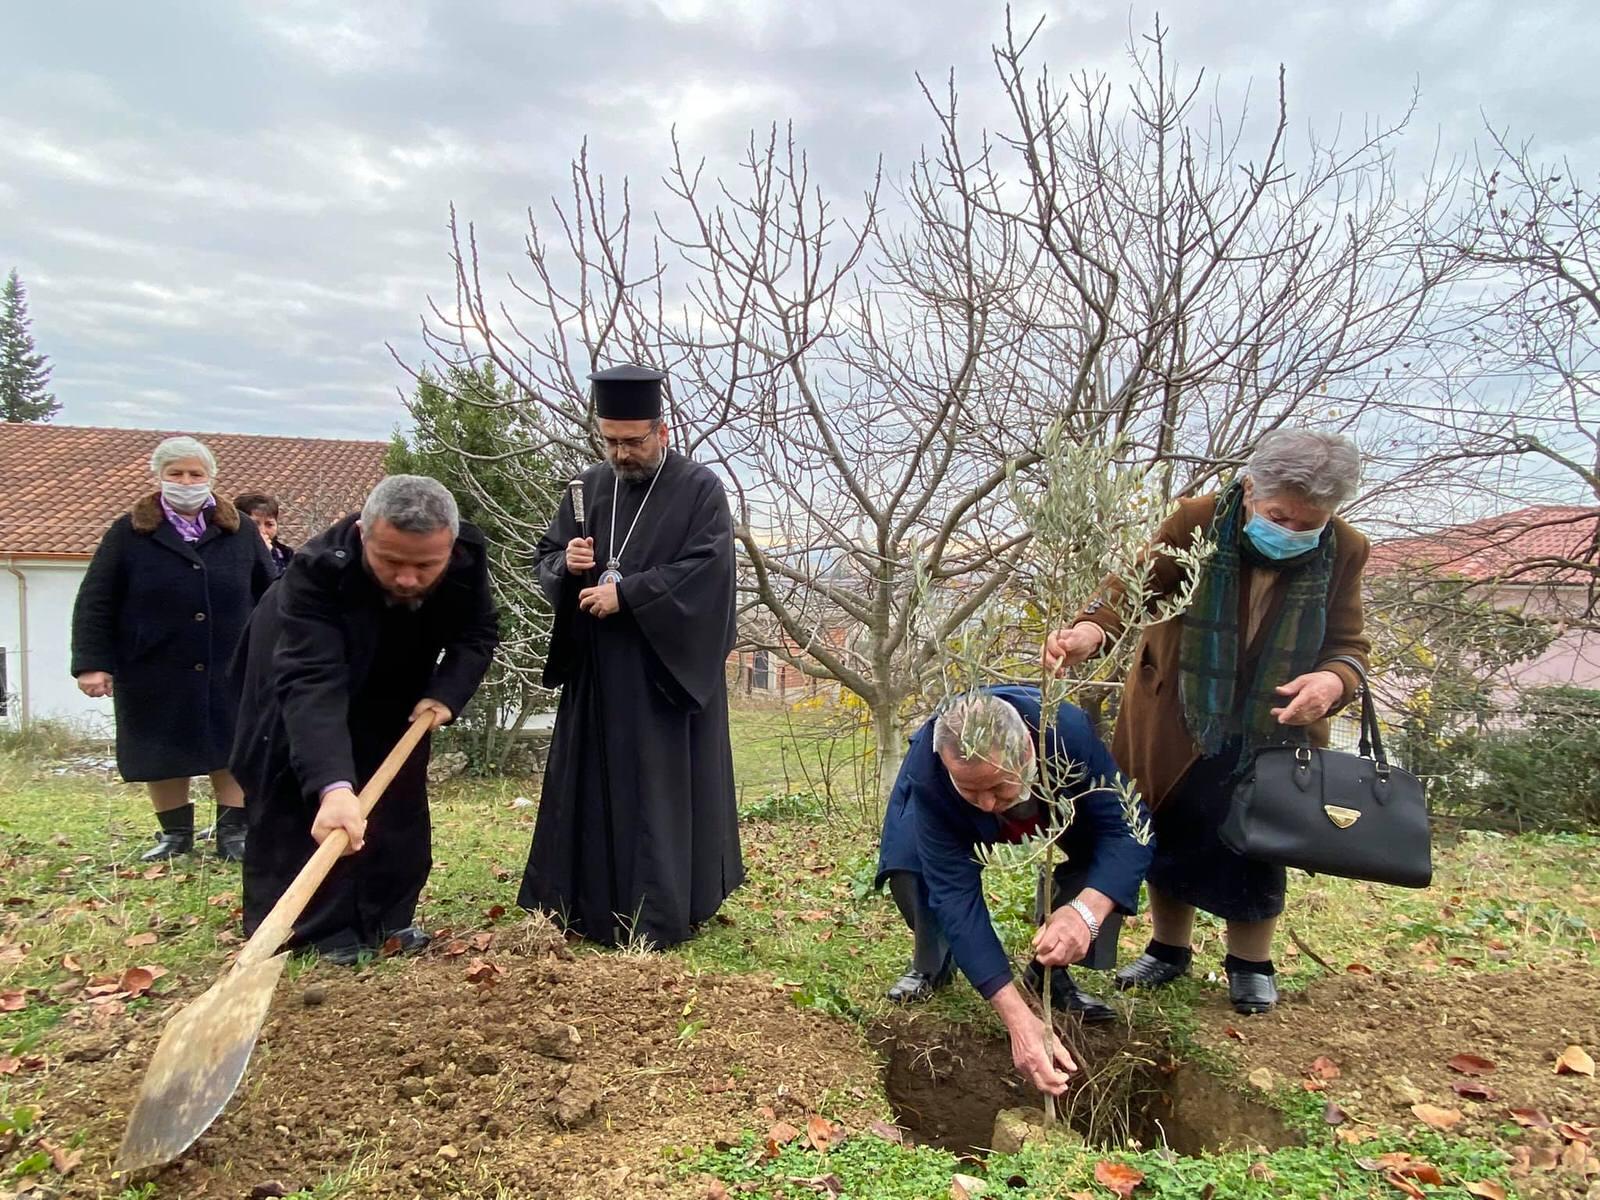 Μητροπολίτης Ελμπασάν Αντώνιος Δενδροφύτευση Αλβανία 2020